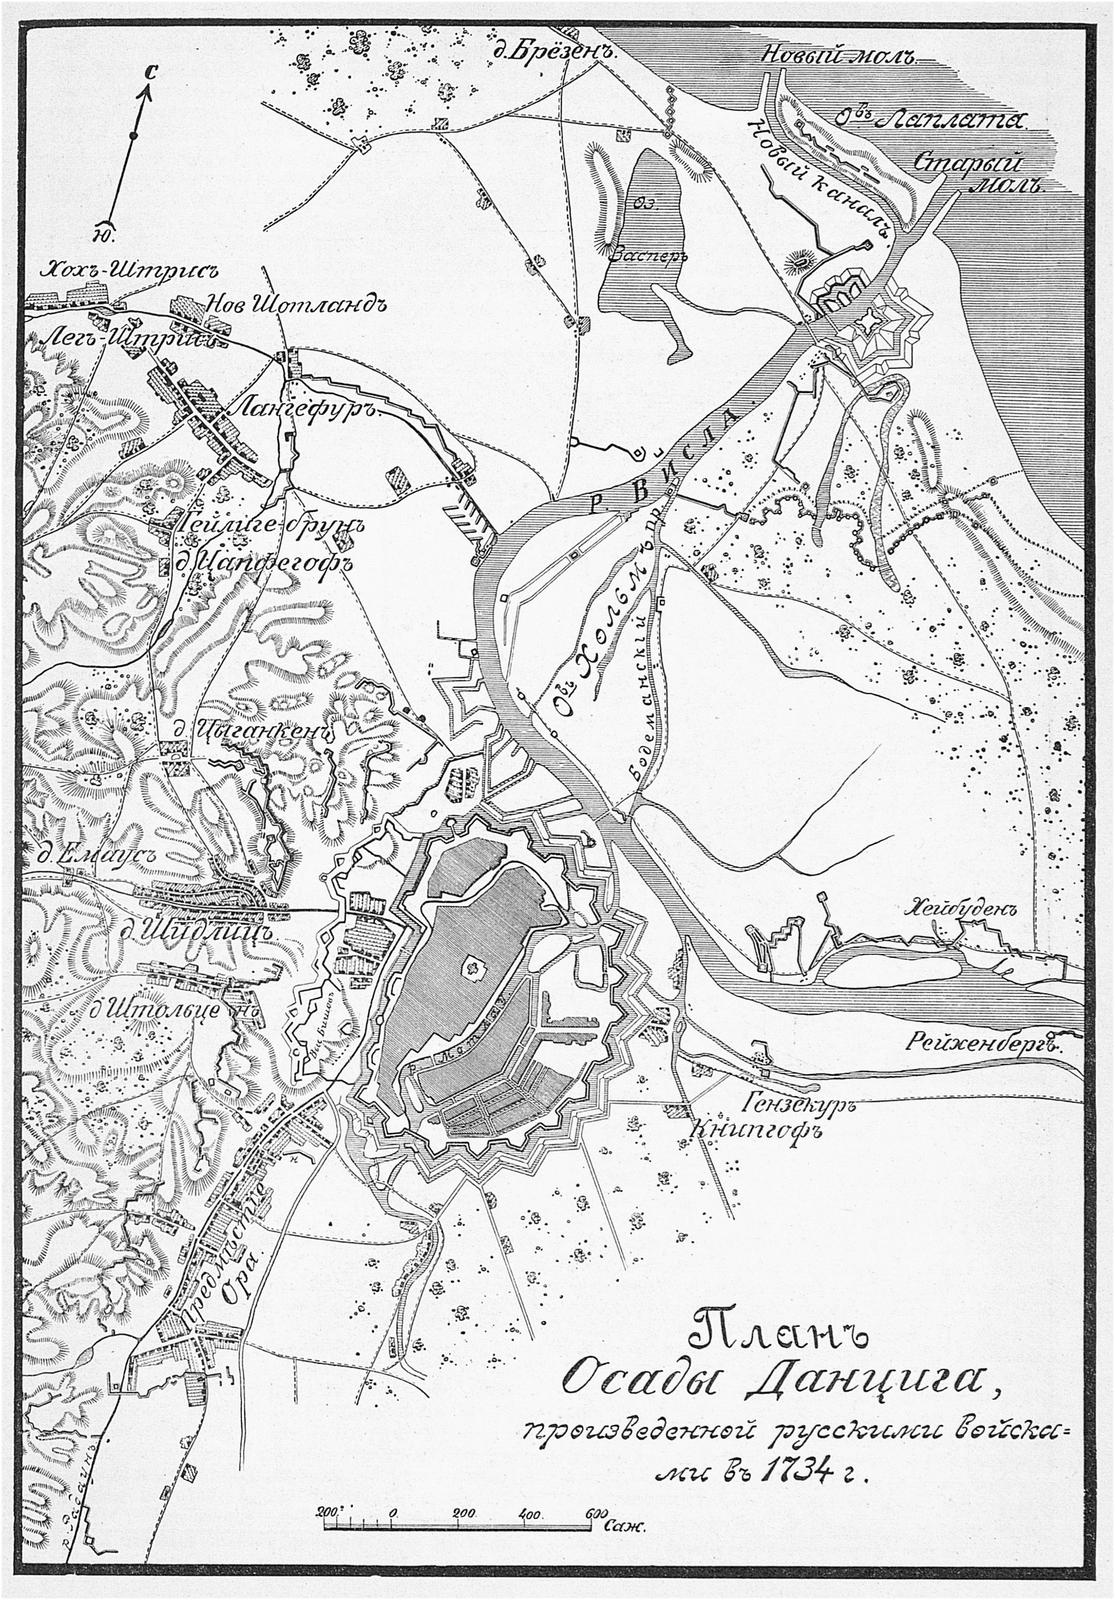 Plan oblężenie Gdańska przez wojska rosyjskie w1734 r. Plan oblężenie Gdańska przez wojska rosyjskie w1734 r. Źródło: 1912, domena publiczna.